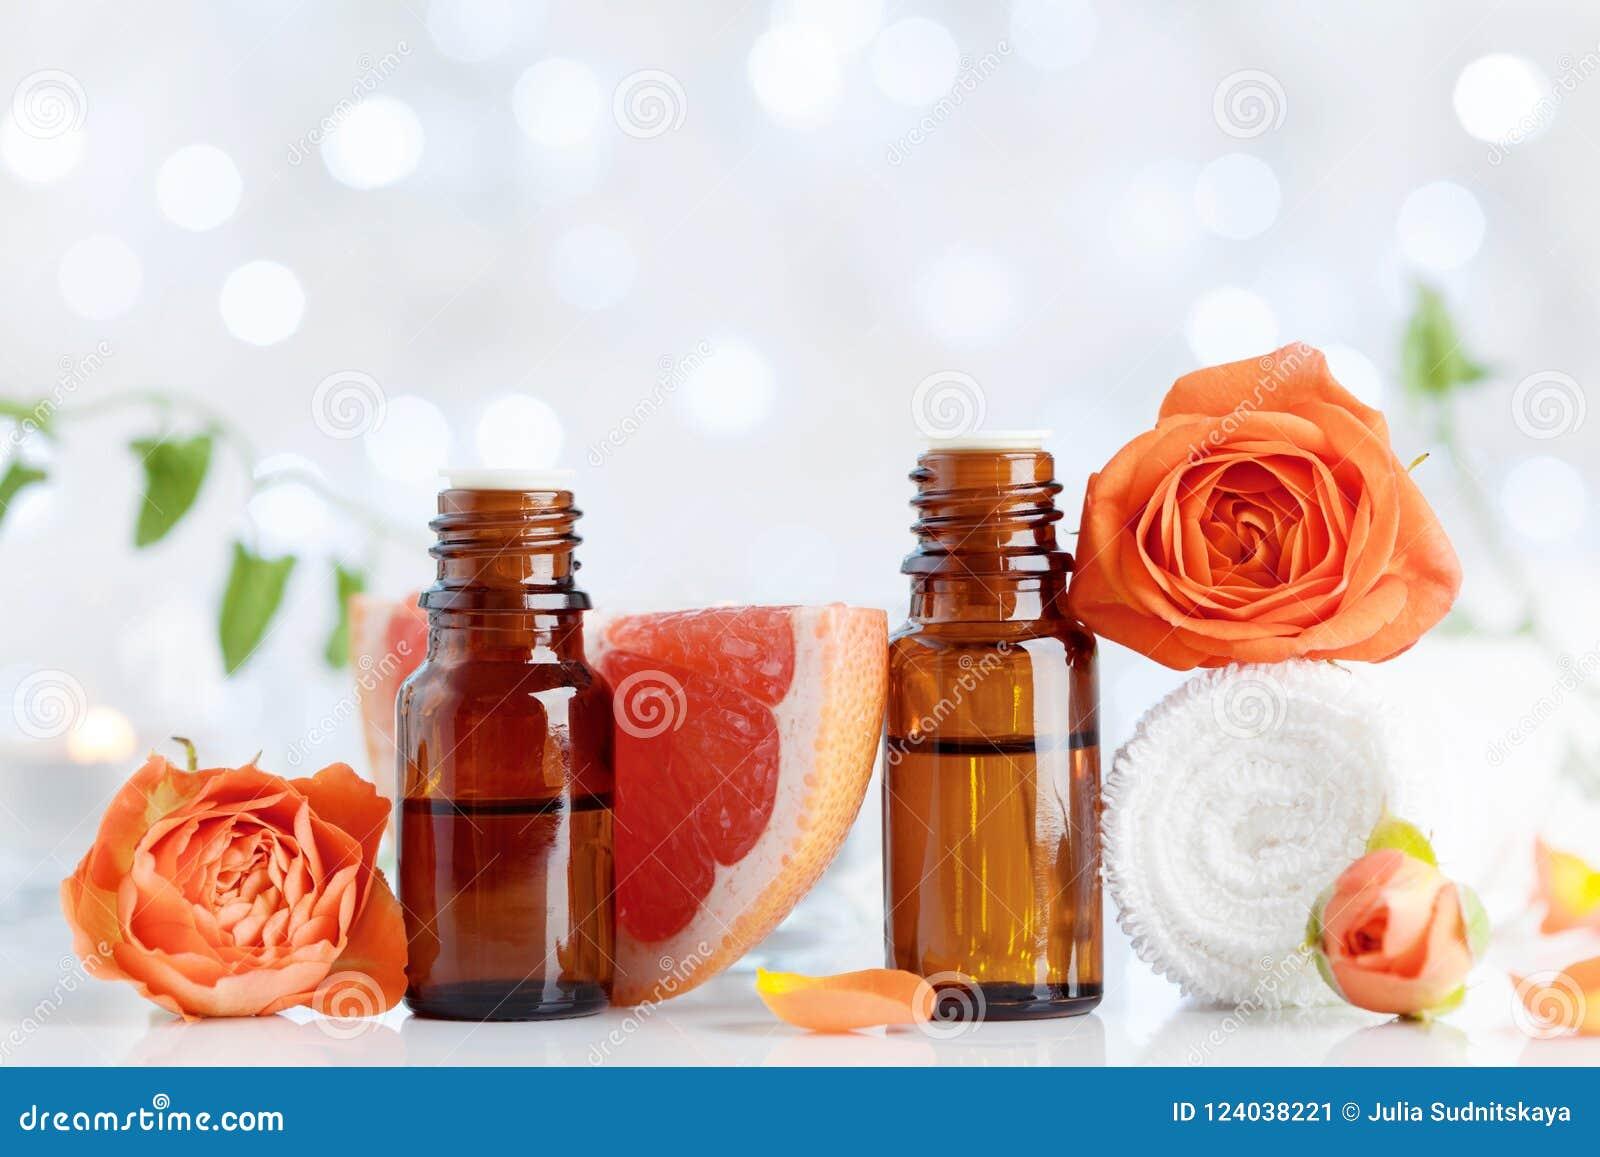 有毛巾、葡萄柚和玫瑰色花的精油瓶在白色桌上 温泉,芳香疗法,健康,秀丽背景